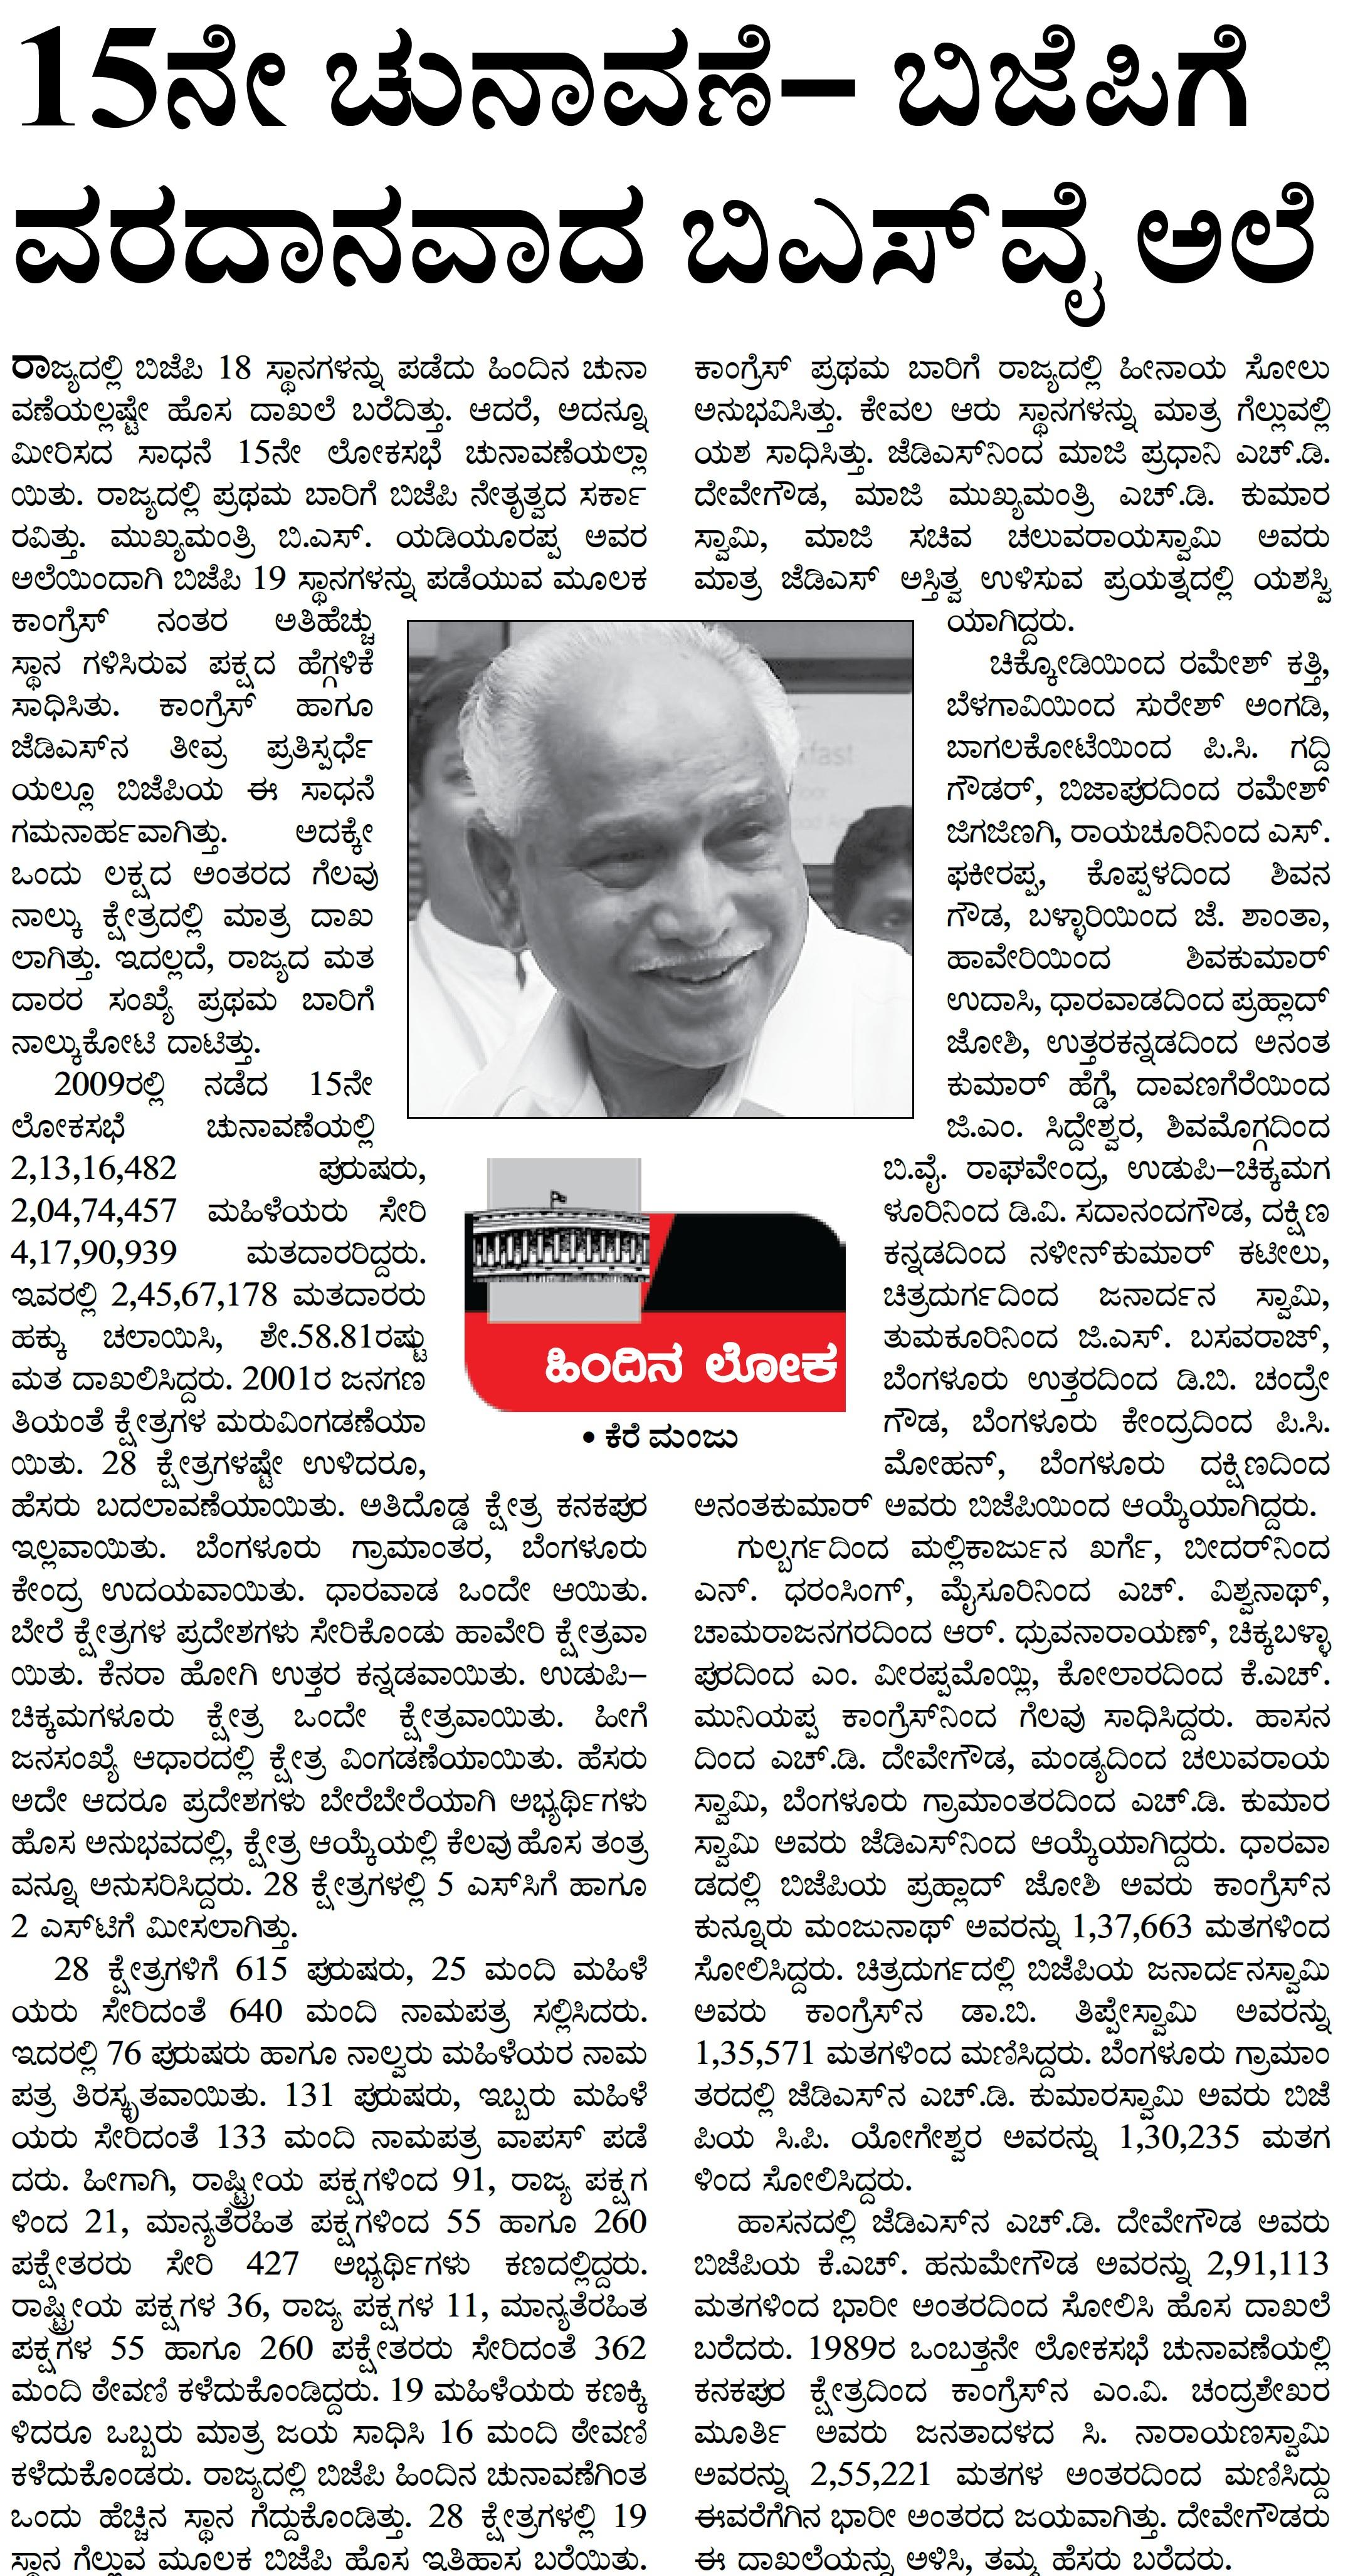 ಕನ್ನಡ ಪ್ರಭ 21-04-2014, ಪುಟ 7